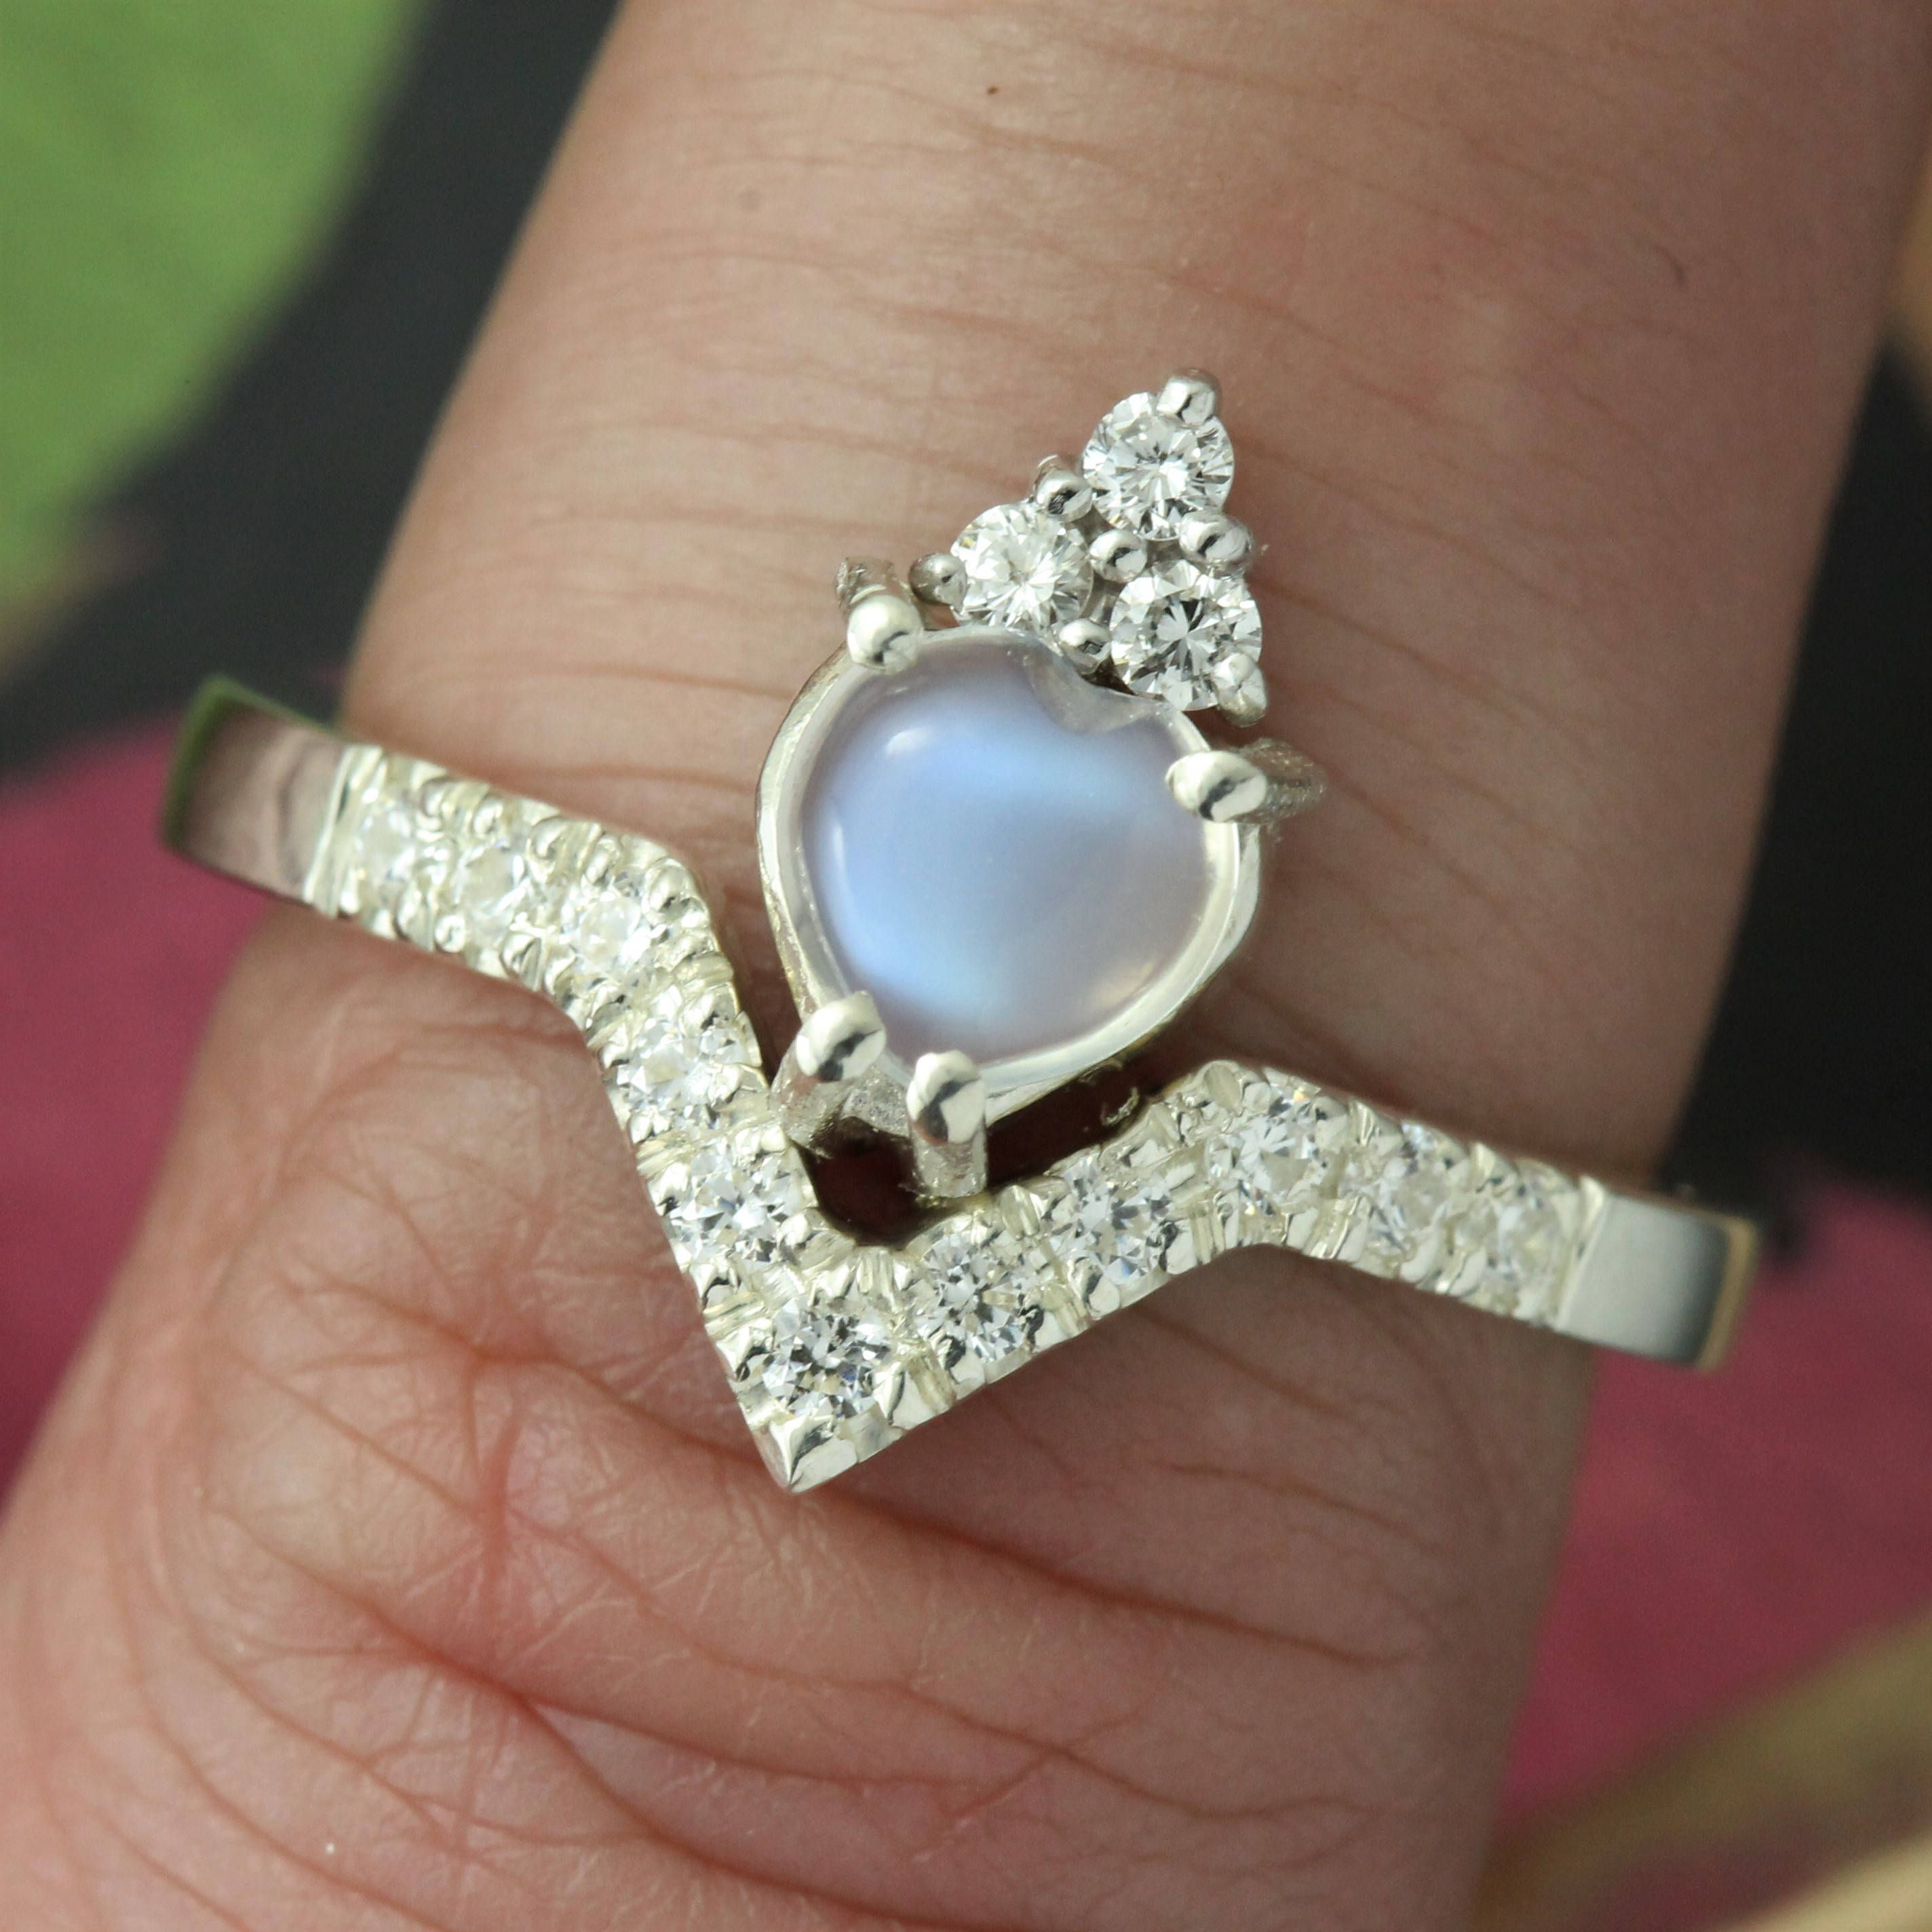 Diamond claddagh ring Moonstone claddagh ring Modern claddagh